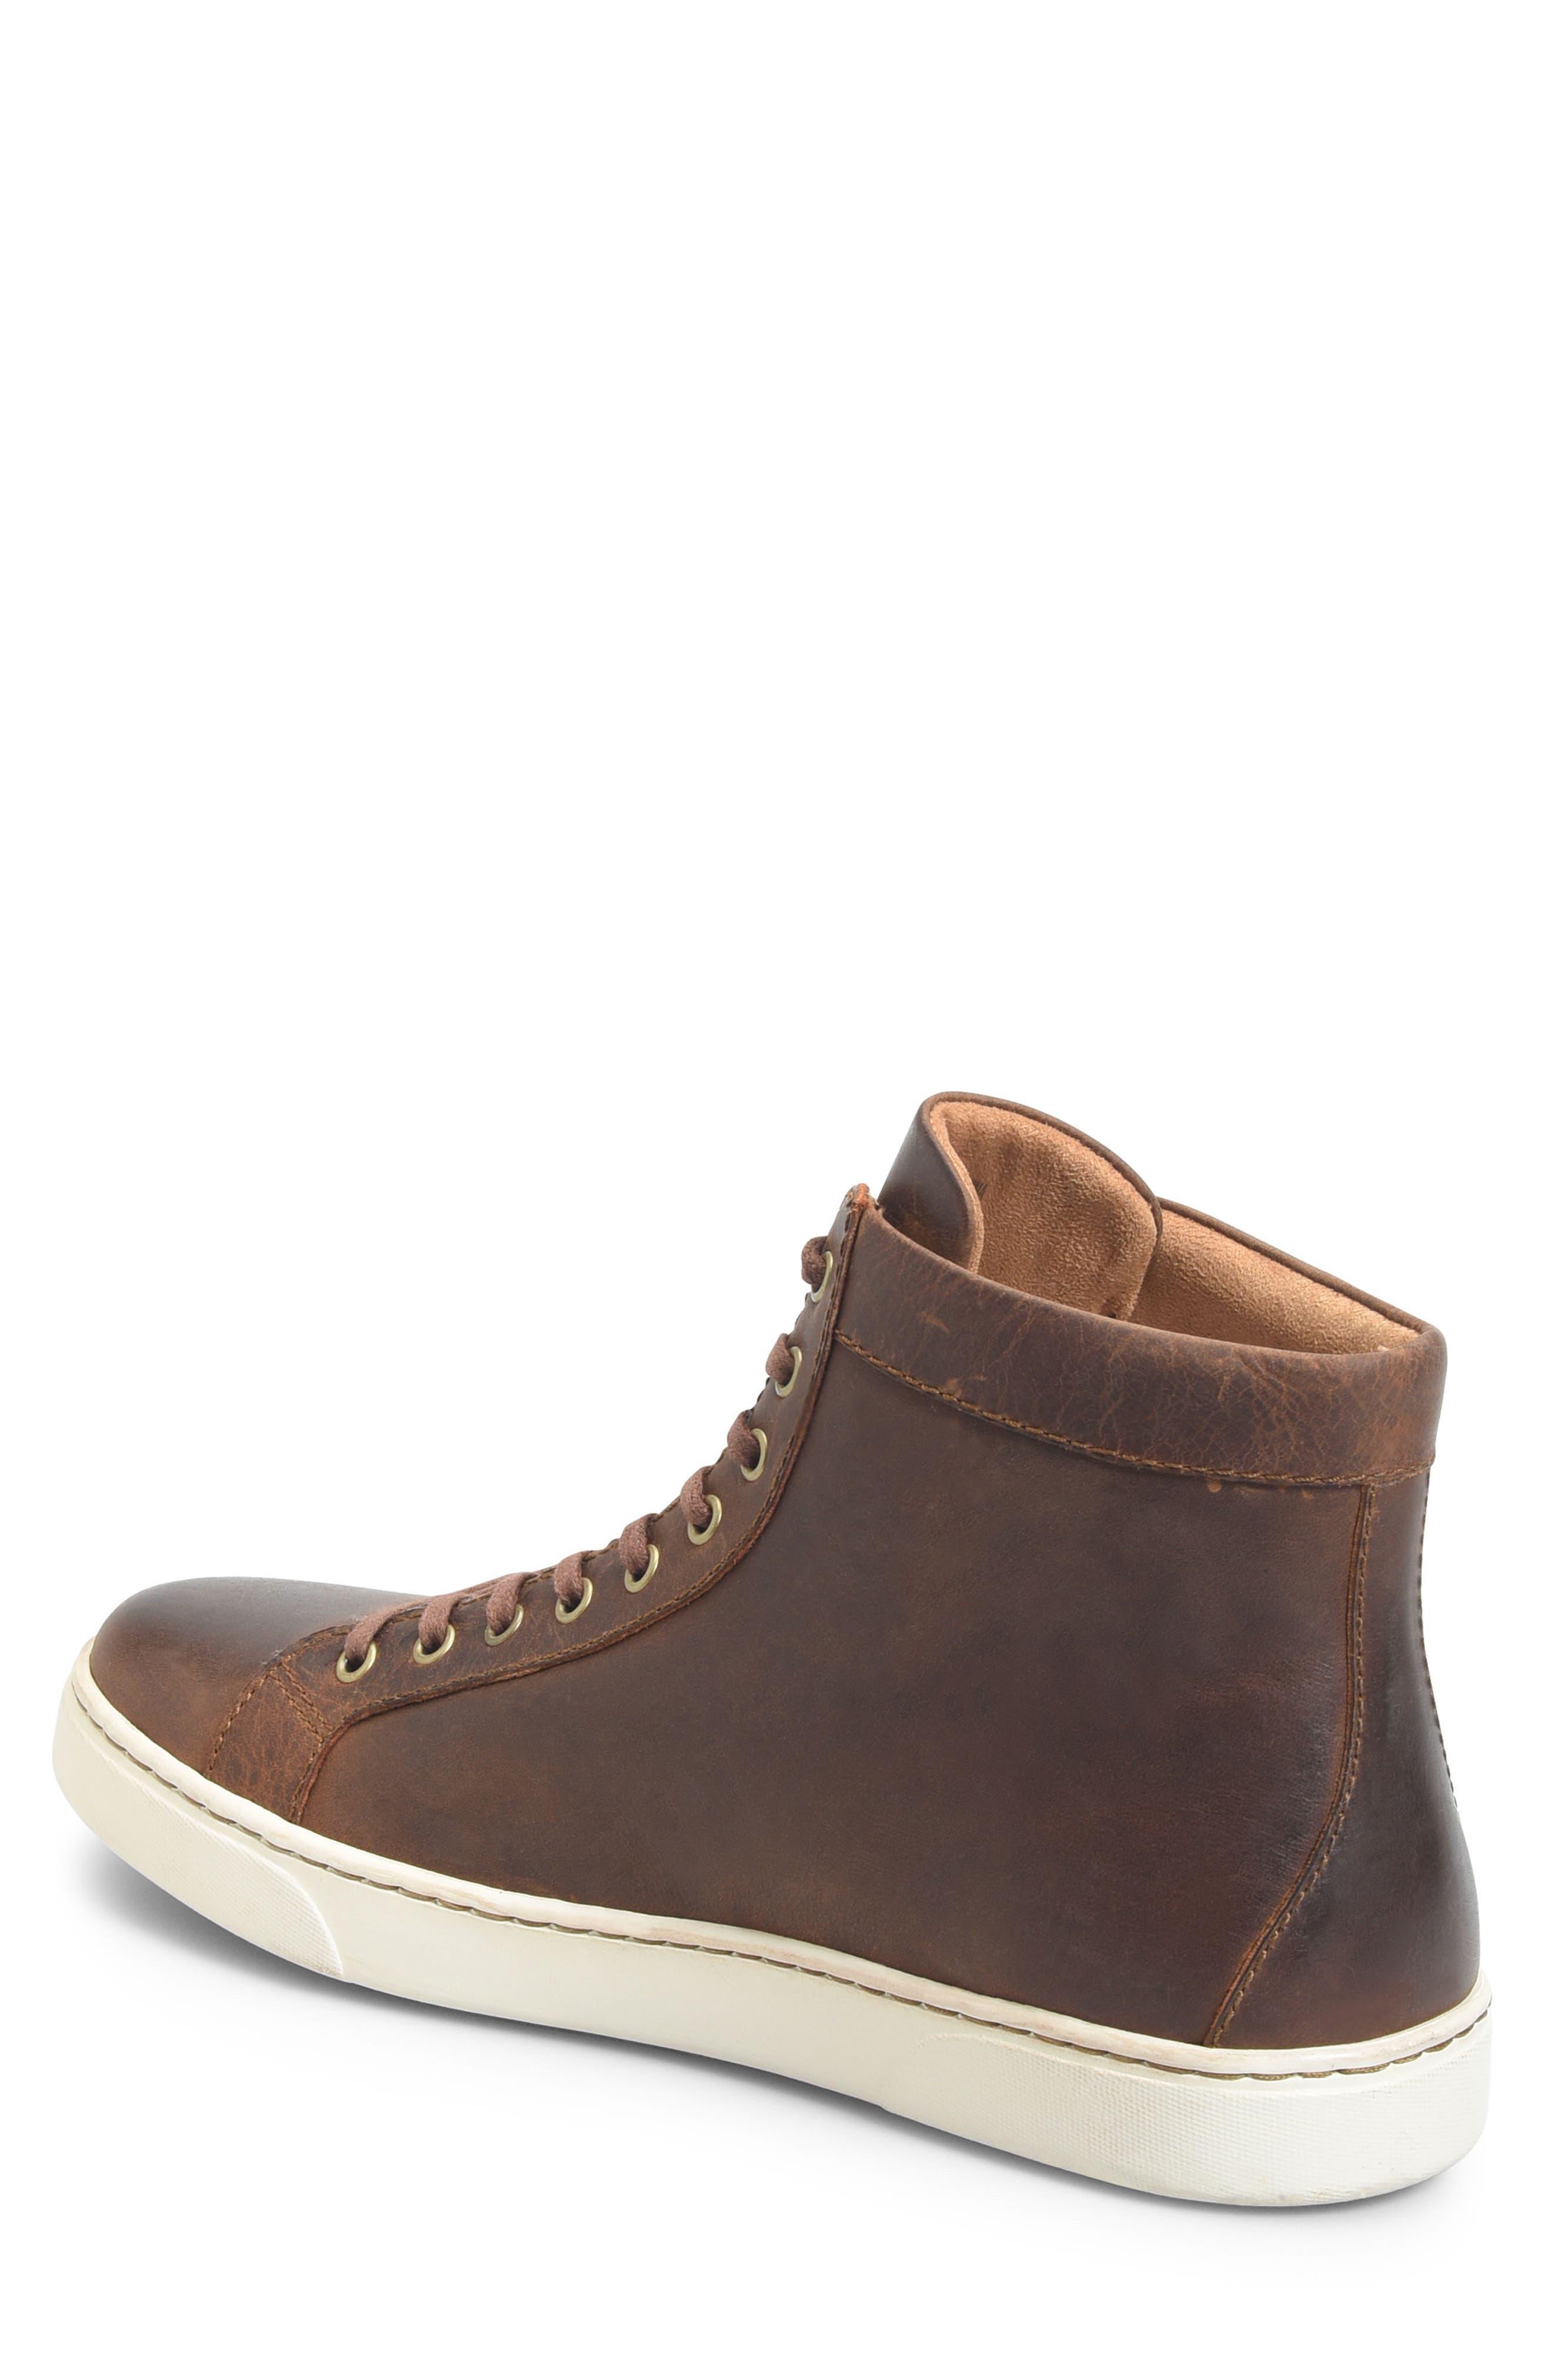 Alternate Image 2  - Børn Beckler Sneaker (Men)